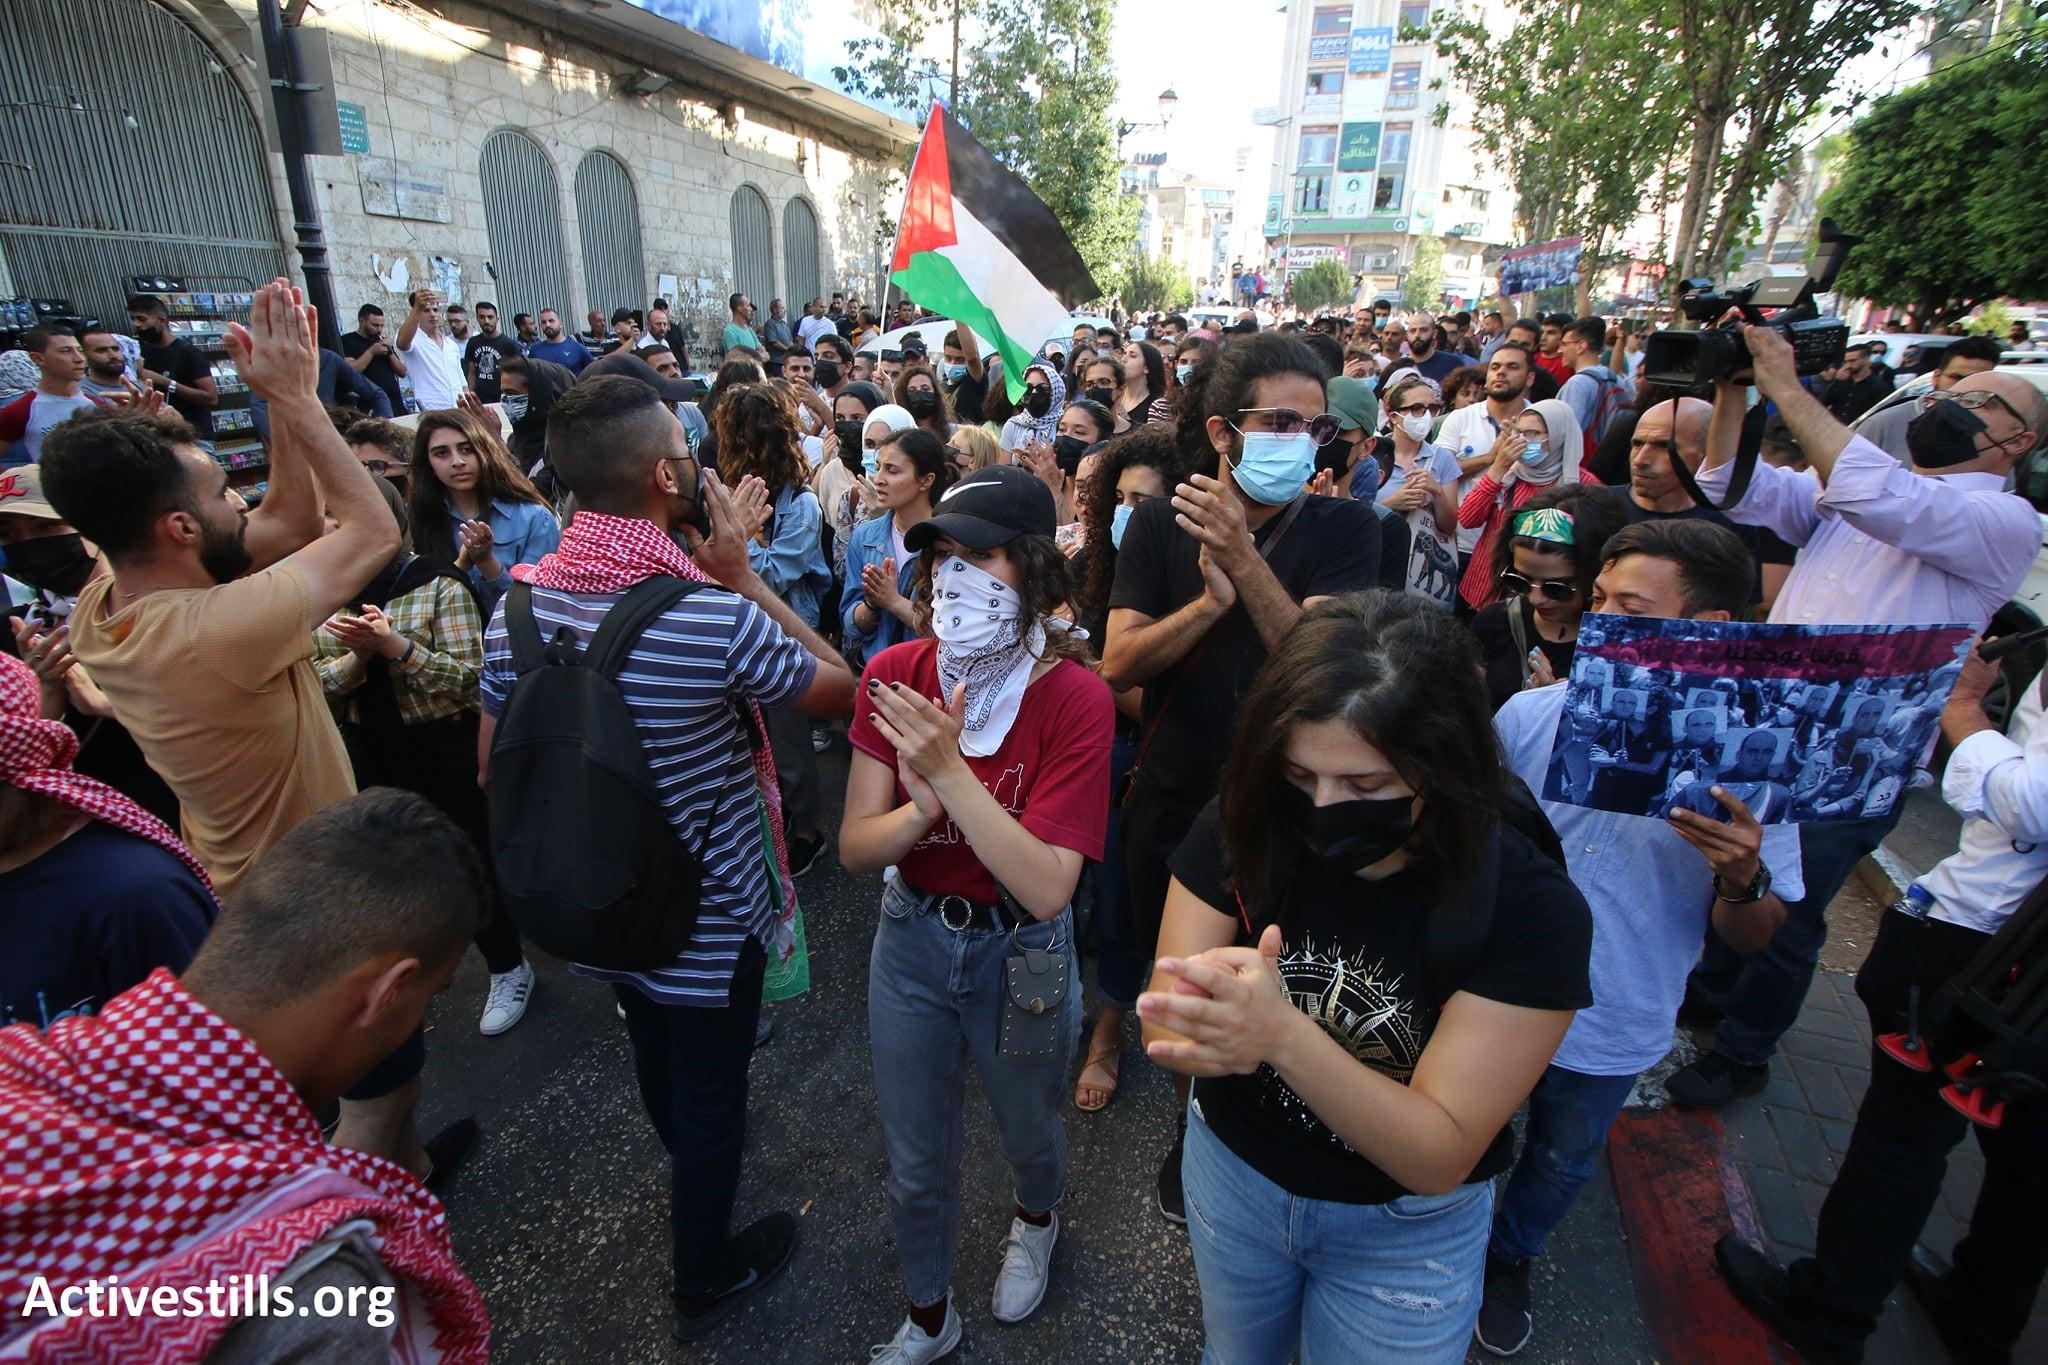 נמשכות המחאות בעקבות רצח בנאת: הקומוניסטים החליטו לנטוש את ממשלת הרשות הפלסטינית